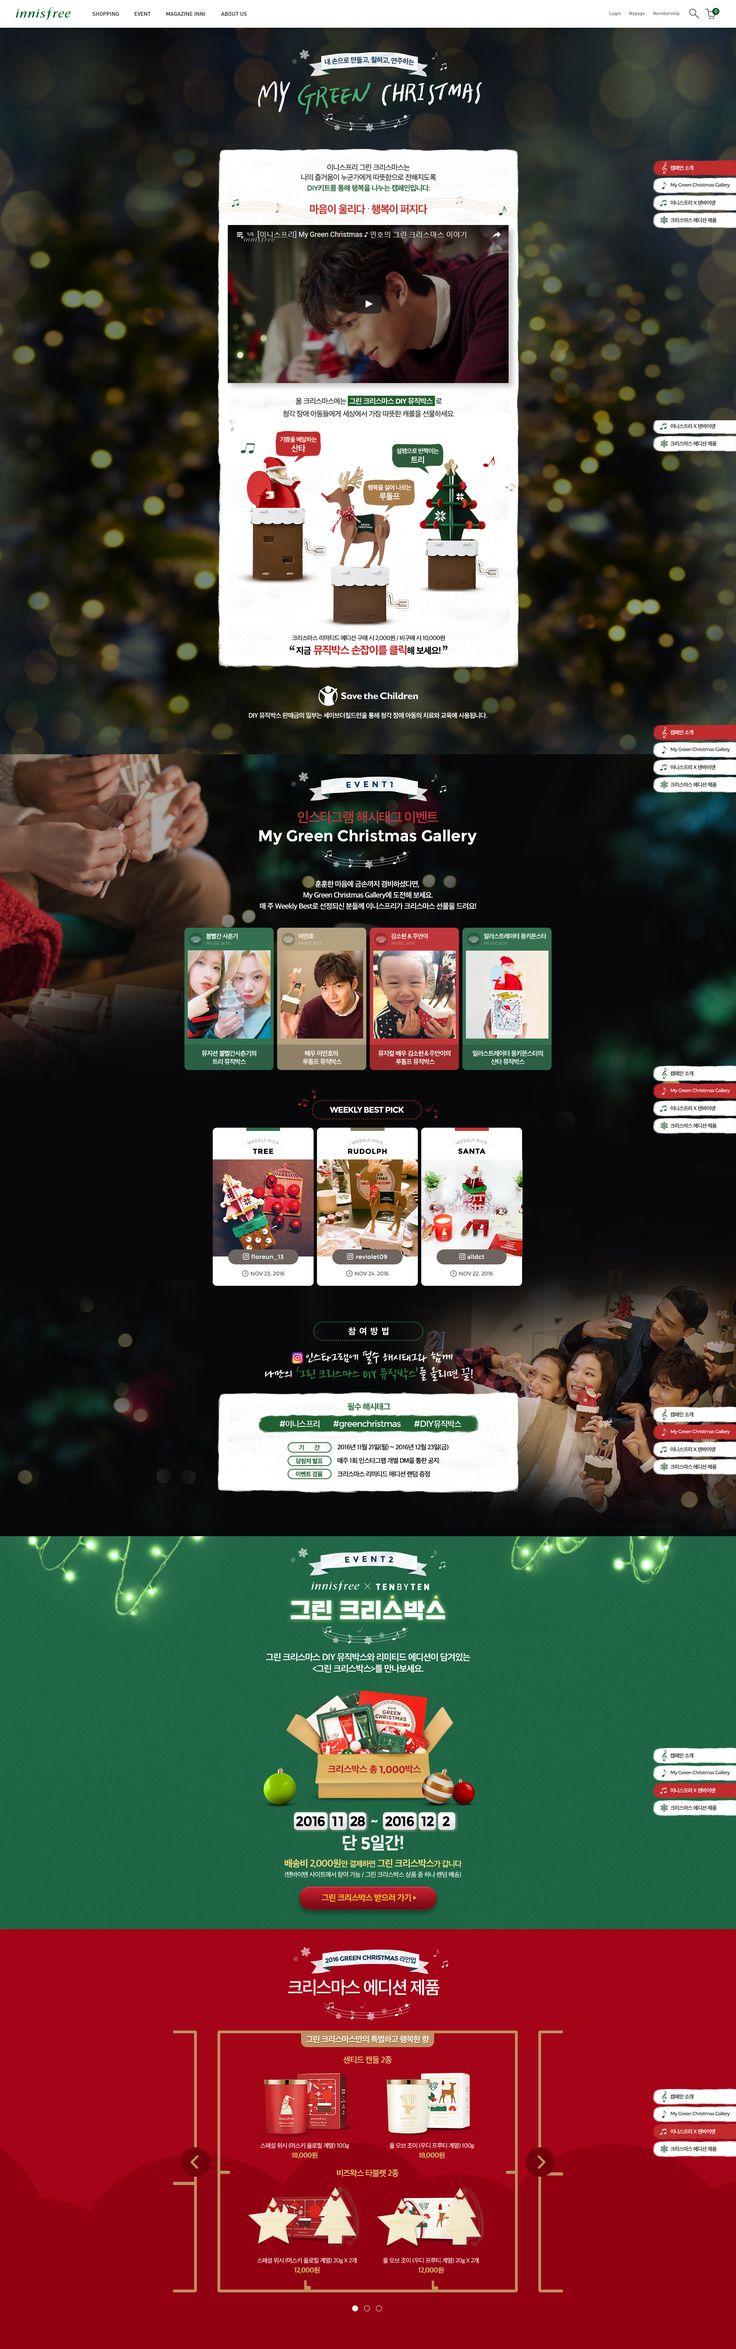 이니스프리 크리스마스 이벤트http://innisfree.co.kr/event/greenchristmas2016/gatePc.jsp#p2